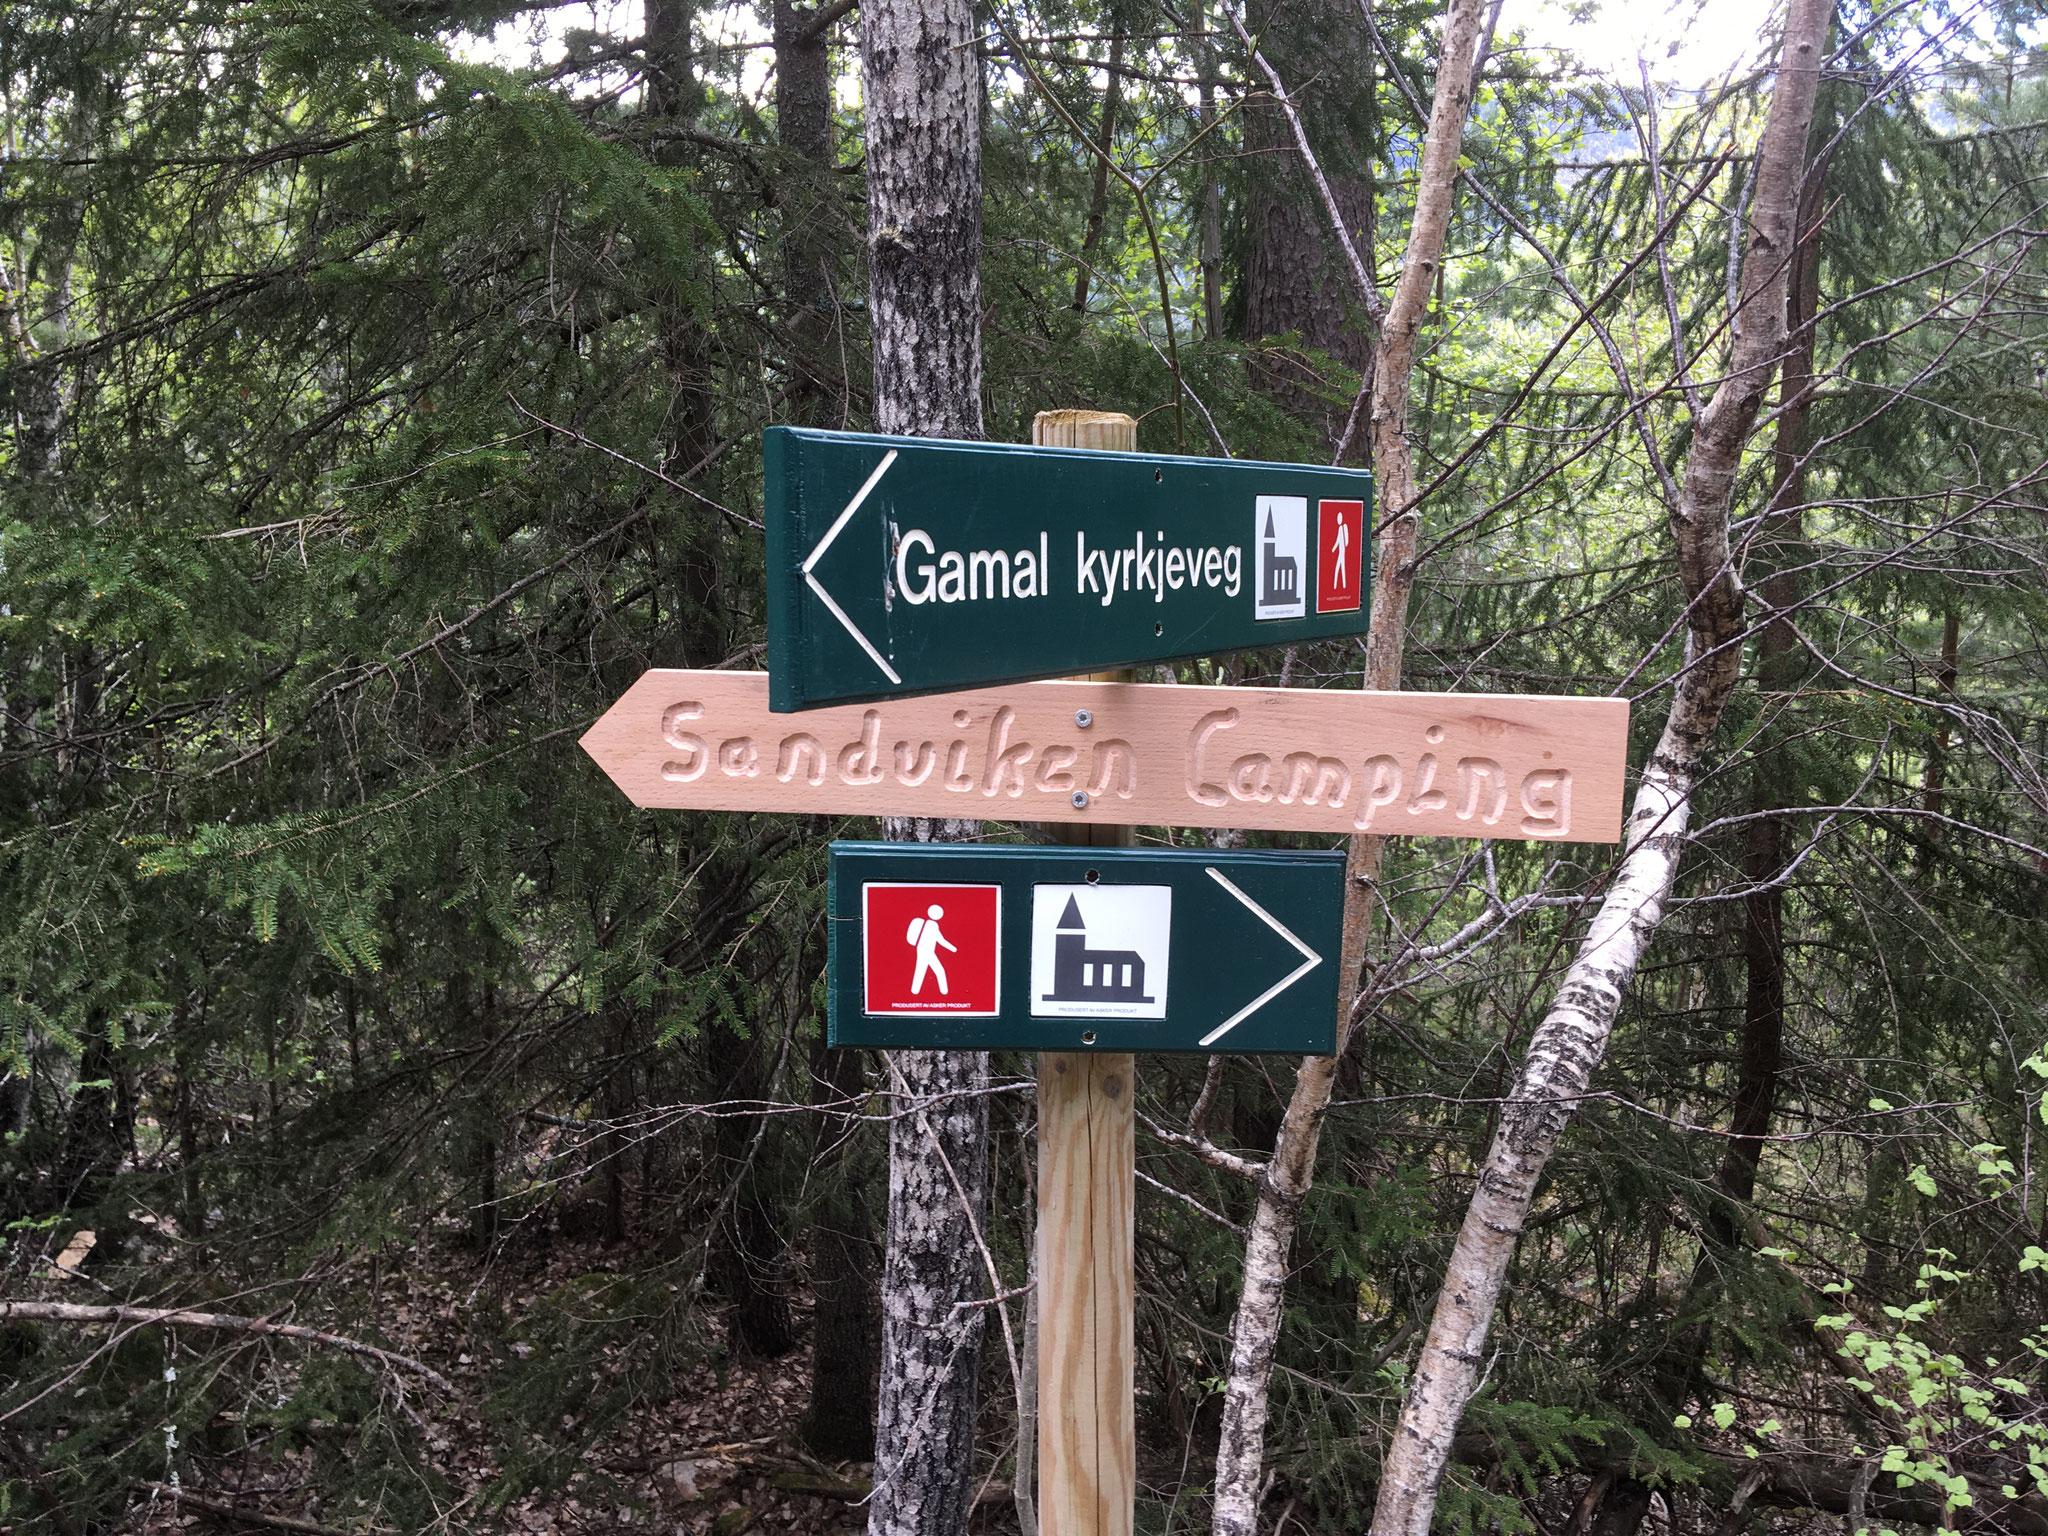 hier stosst ihr wieder auf den Schotterweg der euch zurück Richtung Sandviken Camping führt